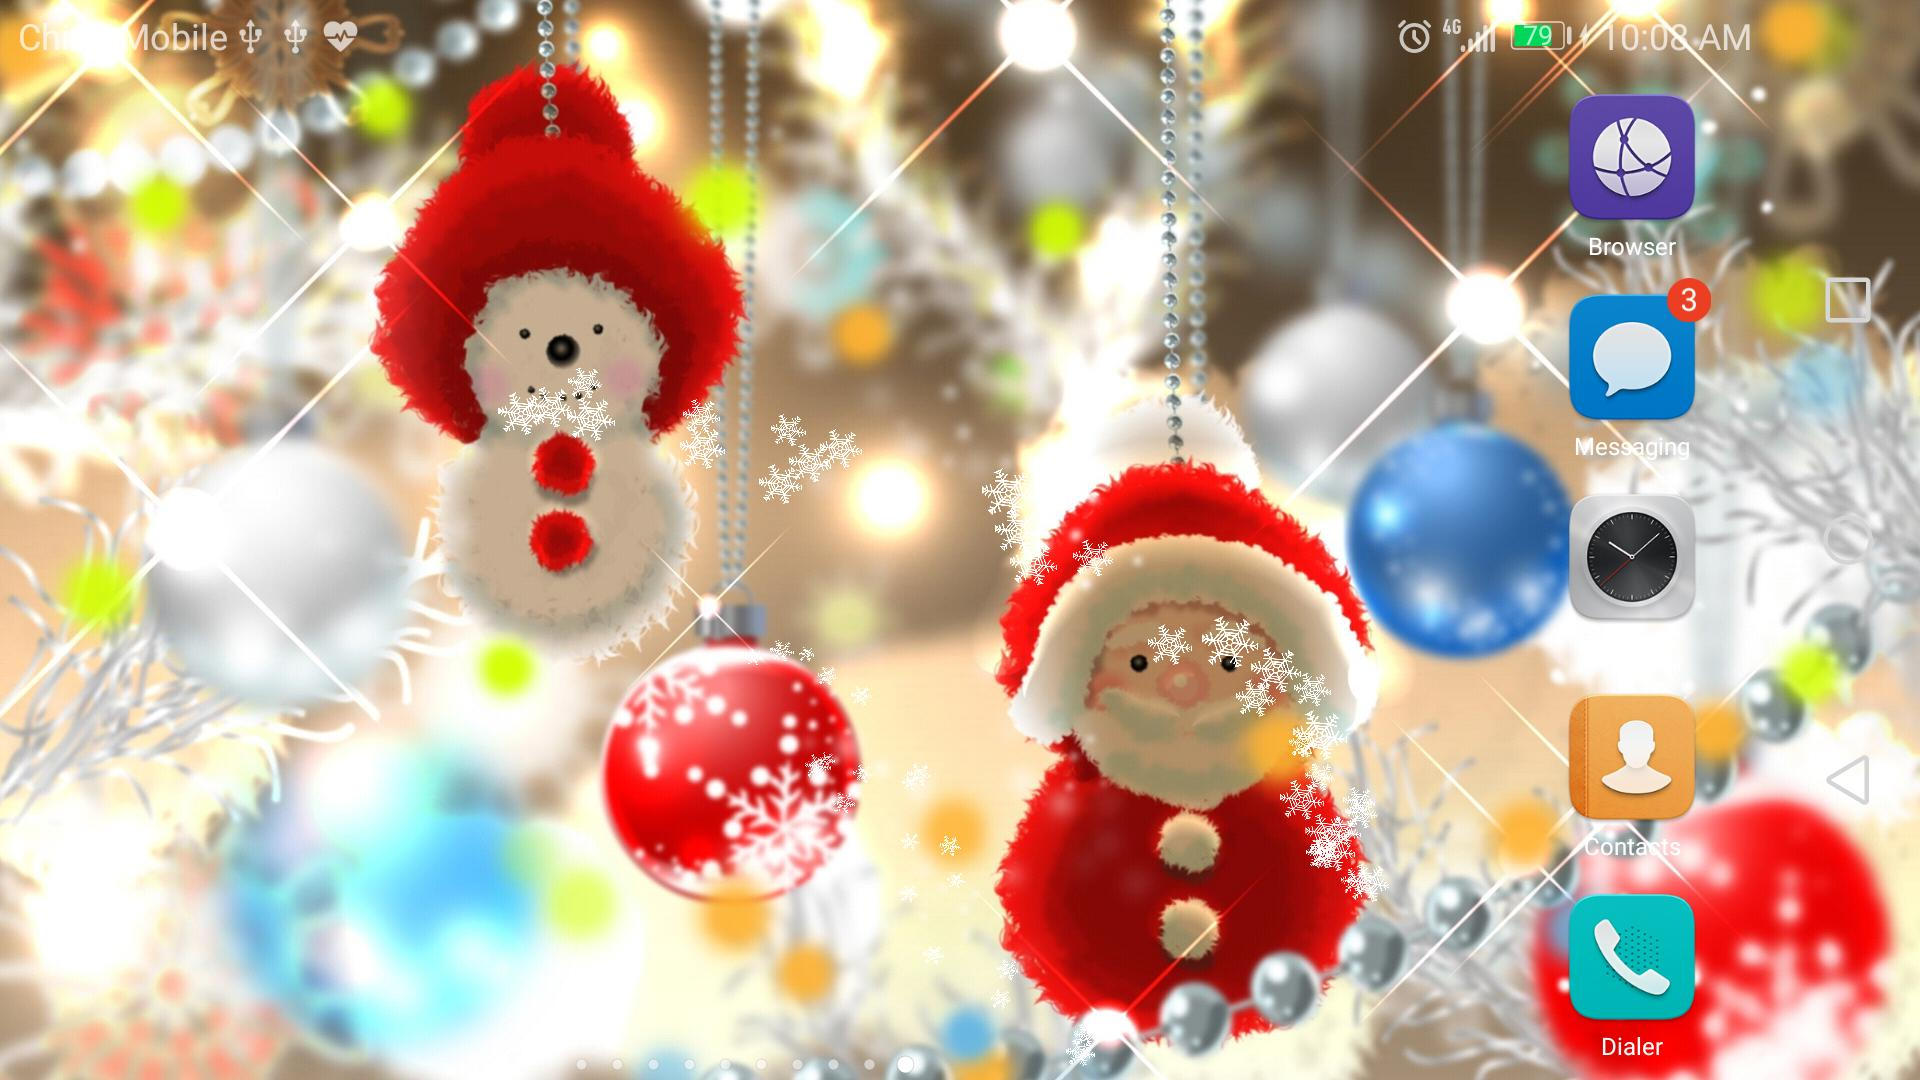 Live Wallpaper Weihnachten.Weihnachten Neon Lampe Live Wallpaper Kostenlos Für Android Apk